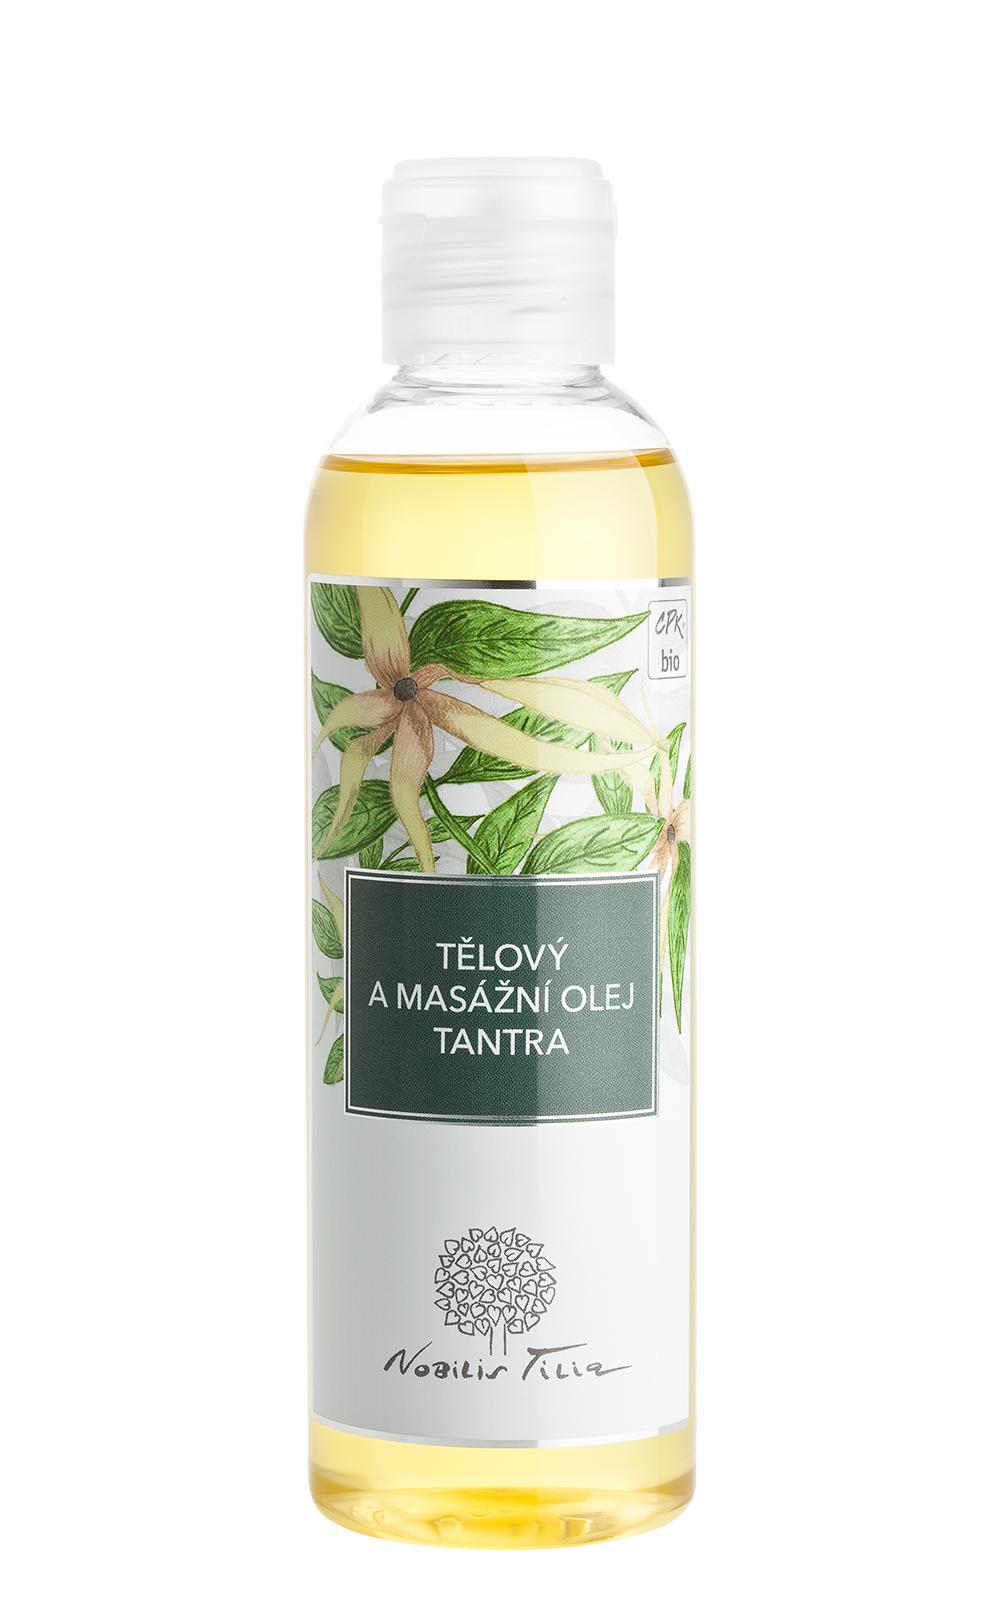 Nobilis Tilia TĚLOVÝ A MASÁŽNÍ OLEJ TANTRA 200 ml 200 ml